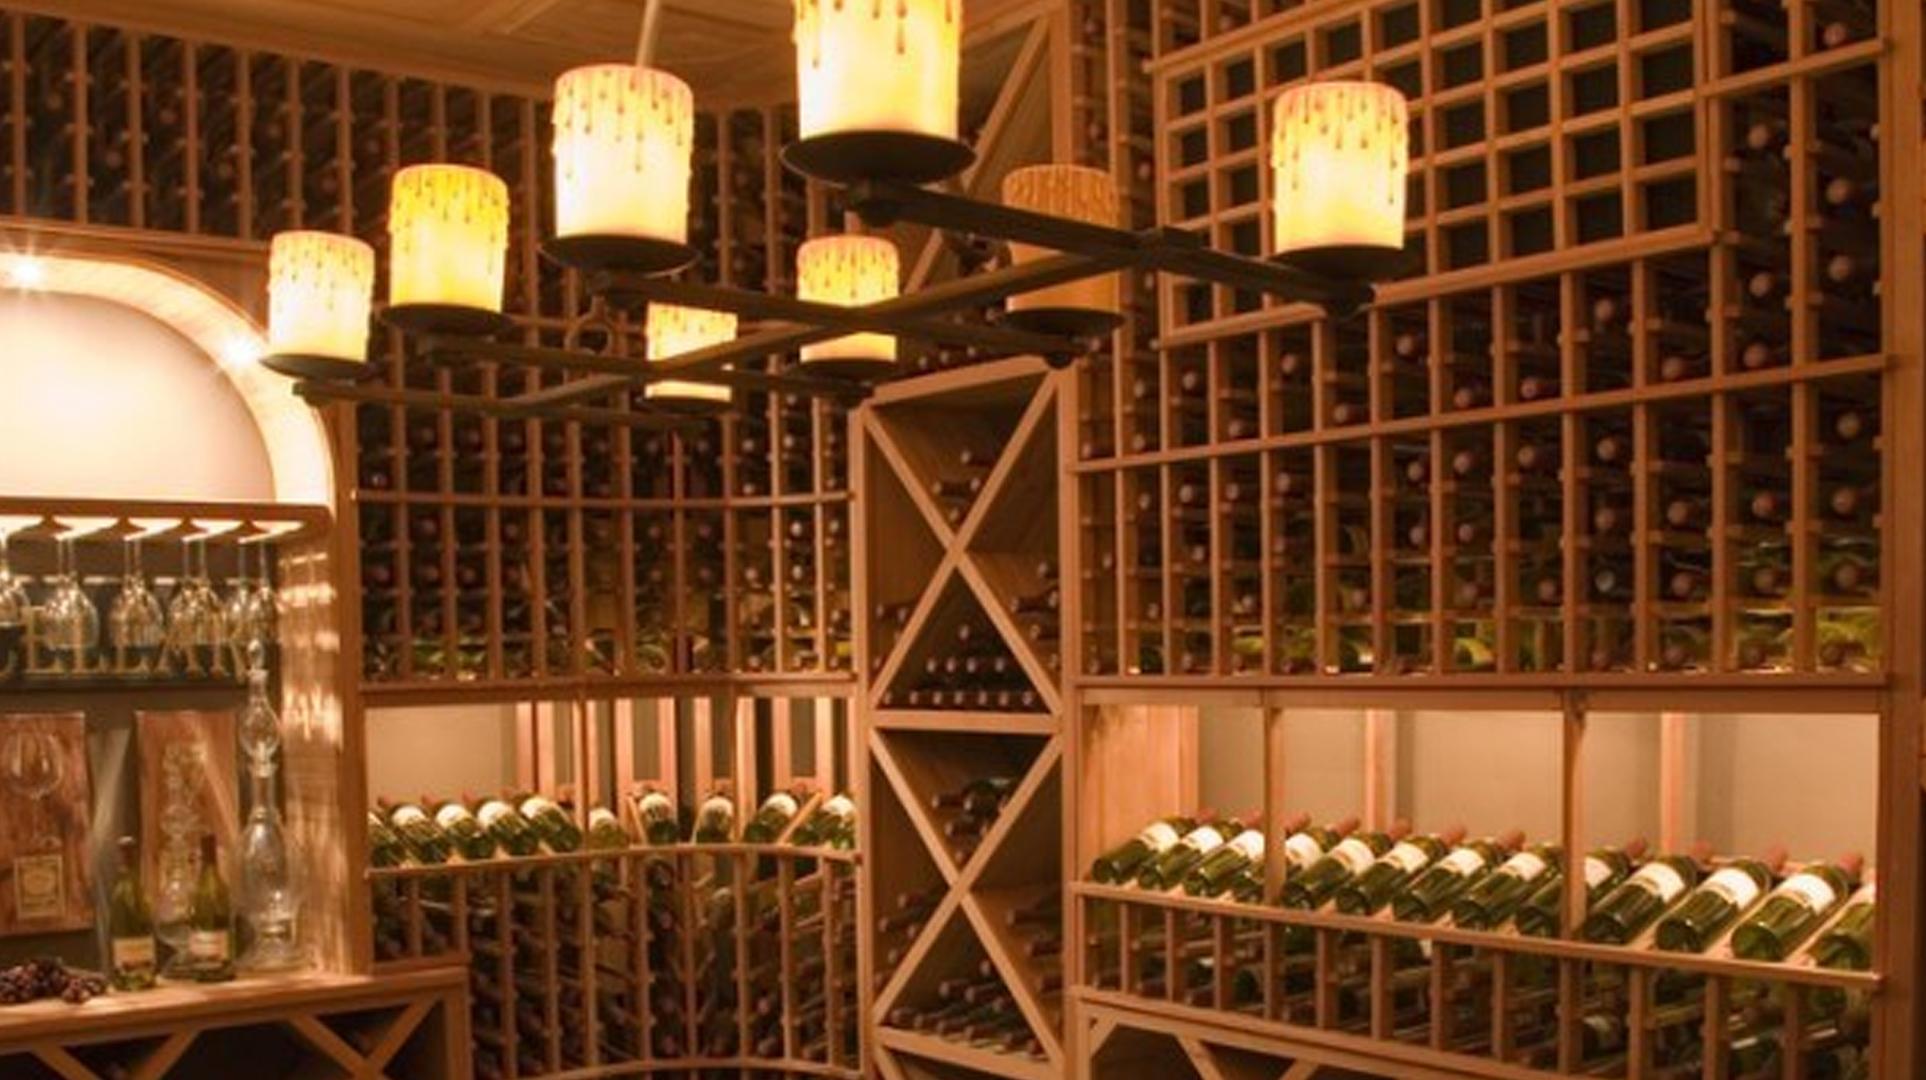 Mueble para vinos comprar vinotecas online caveplus for Mueble vinos